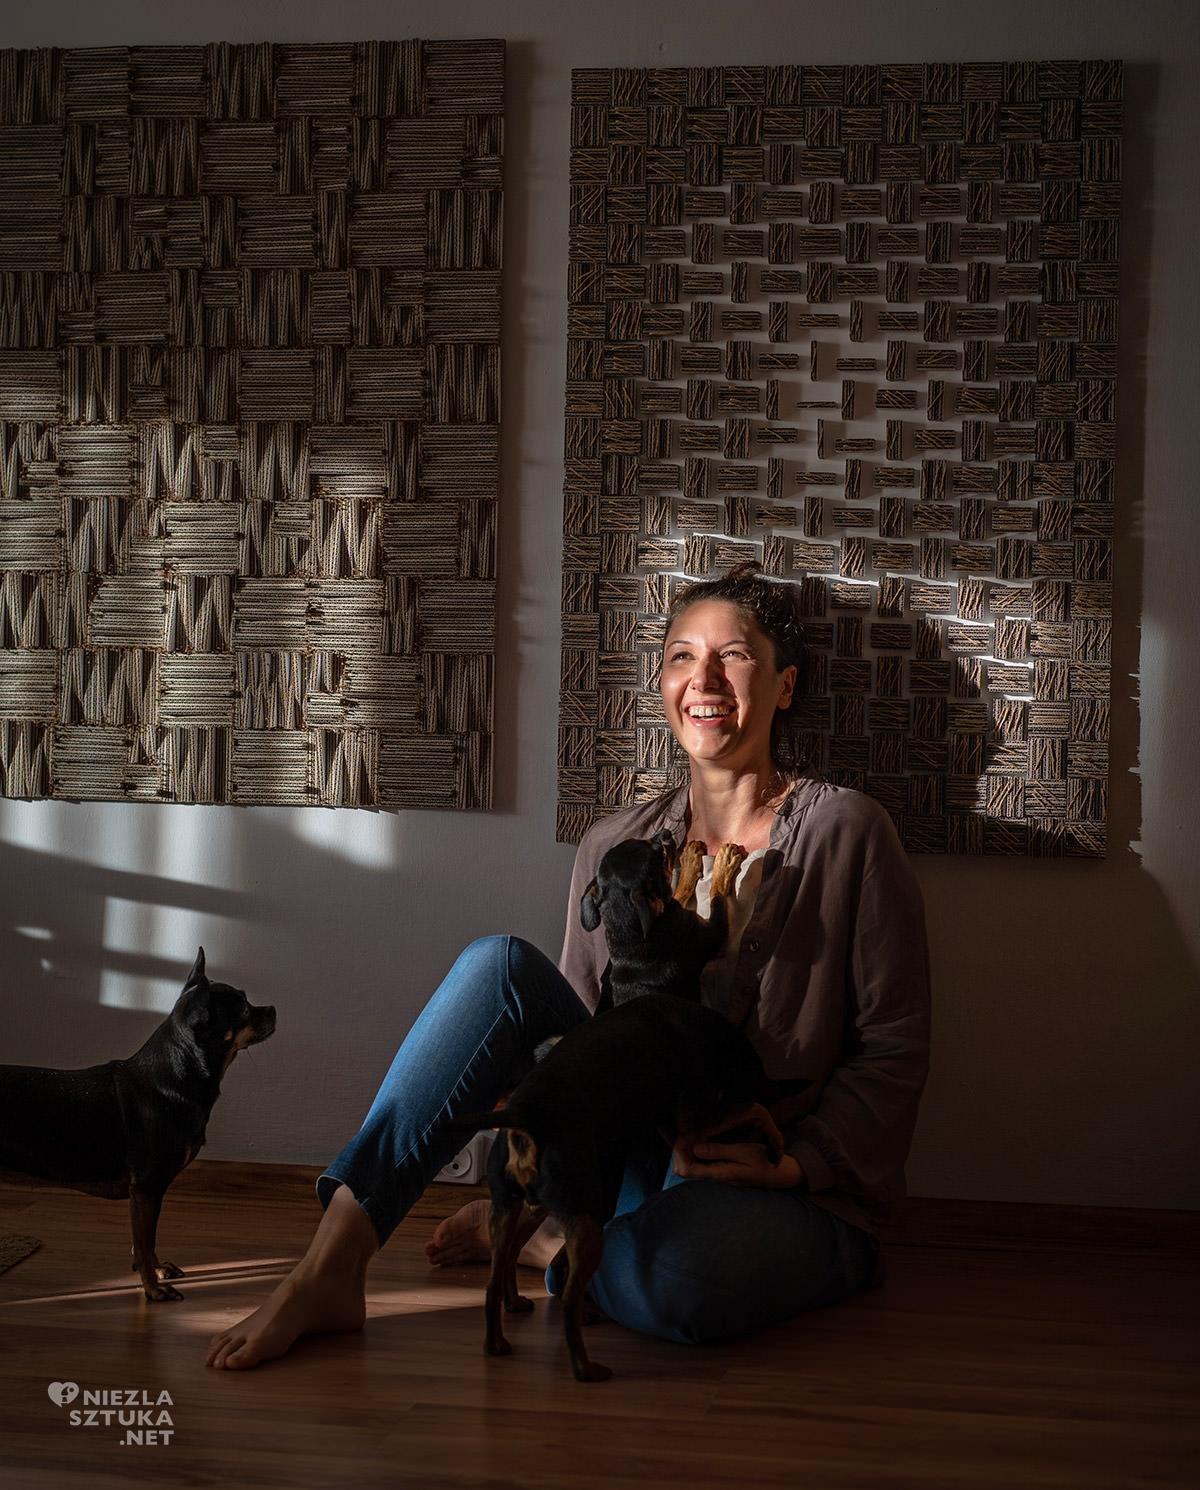 Agnieszka Andruszkiewicz, wywiad z artystą, artystka polska, papier, formy z papieru, sztuka polska, Niezła sztuka